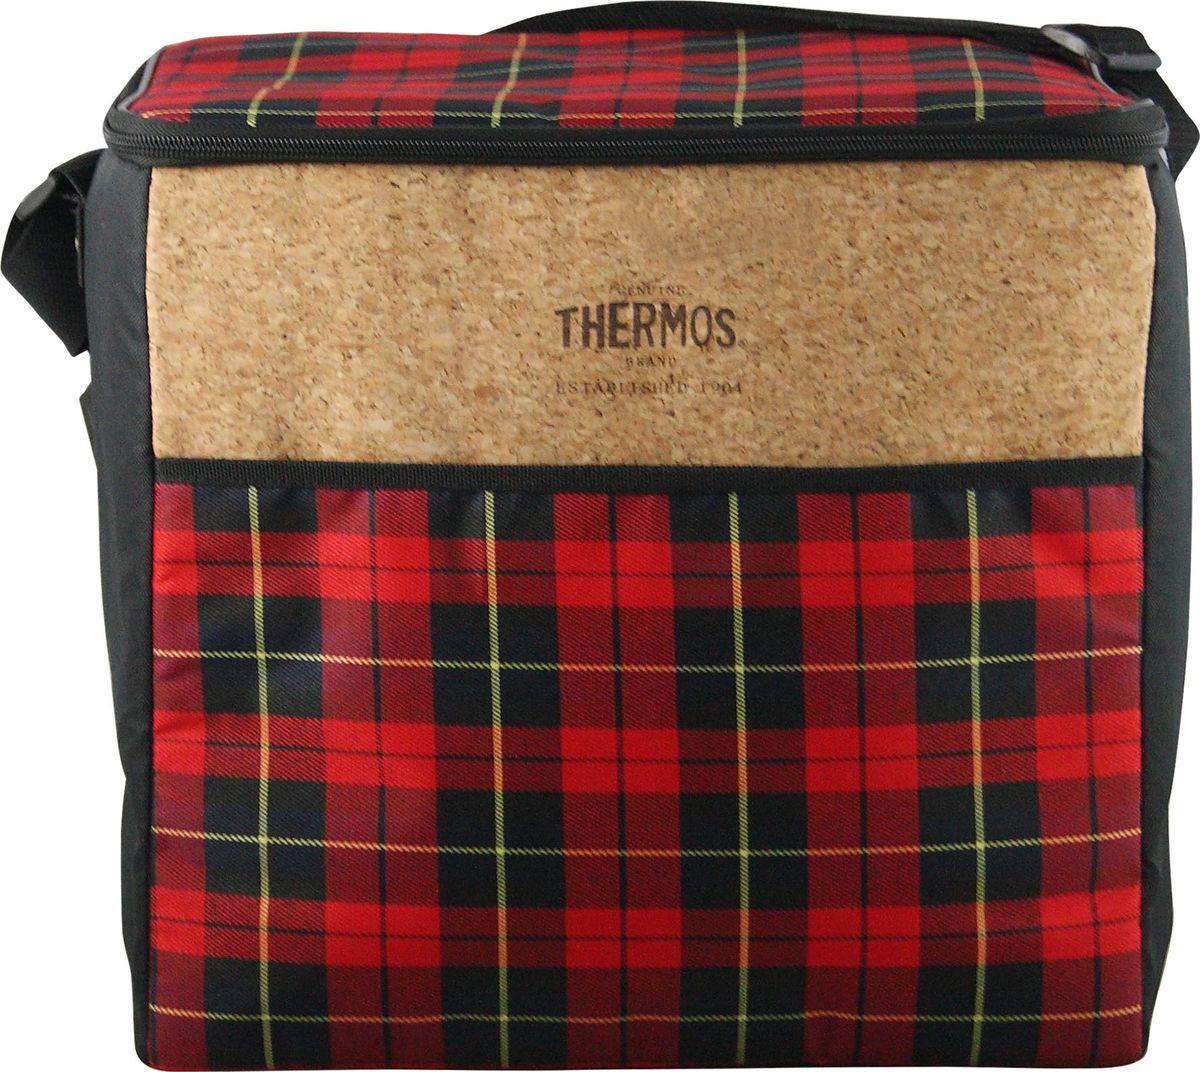 Сумка-термос Thermos Heritage 36 Can Cooler, цвет: красный, 30 л